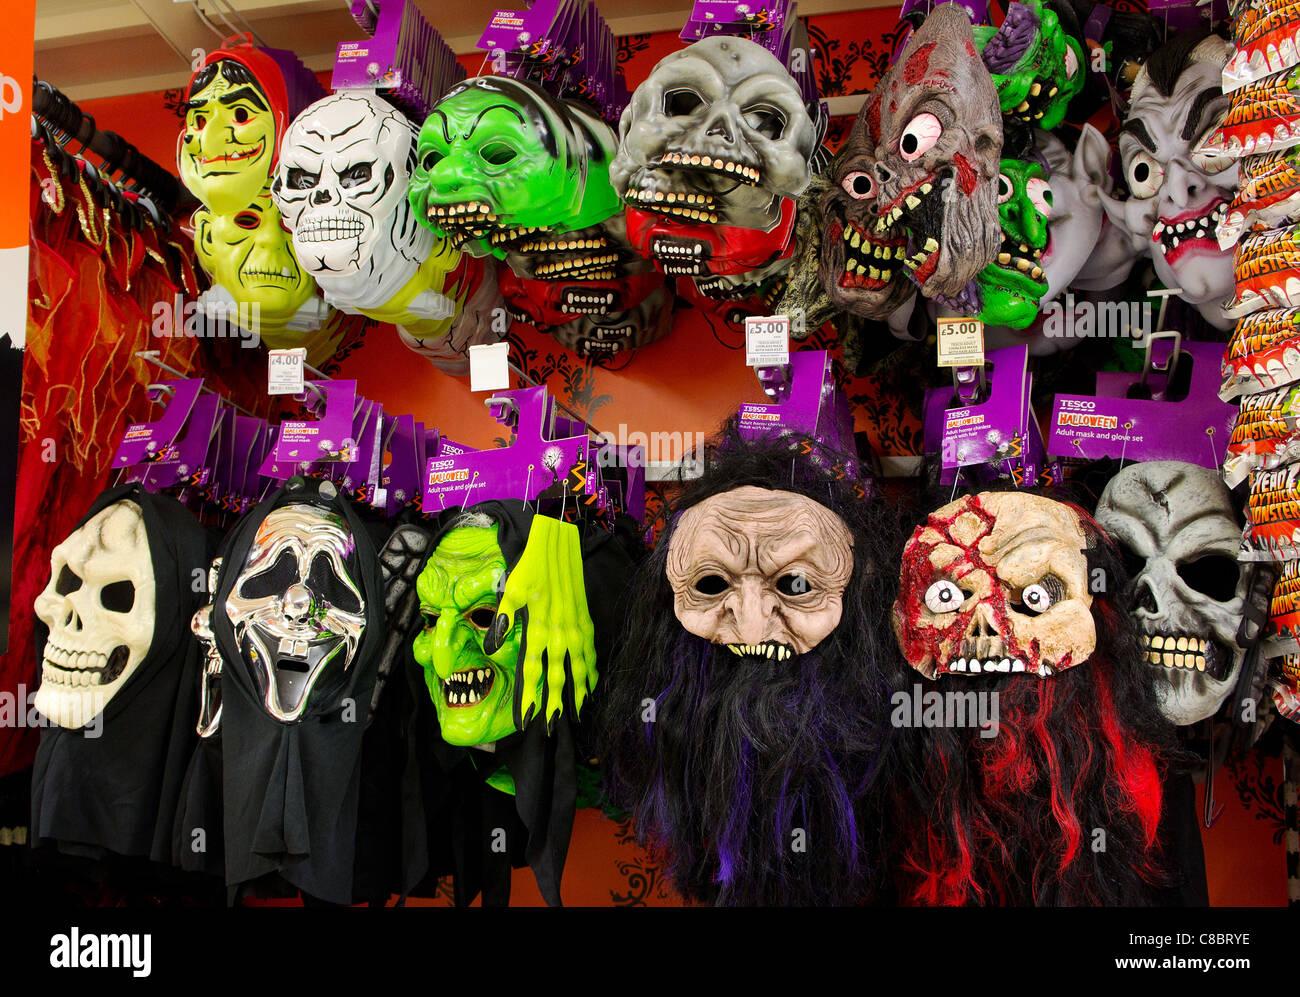 Halloween Masks Uk.Halloween Masks On Sale In Tesco Supermarket Uk Stock Photo